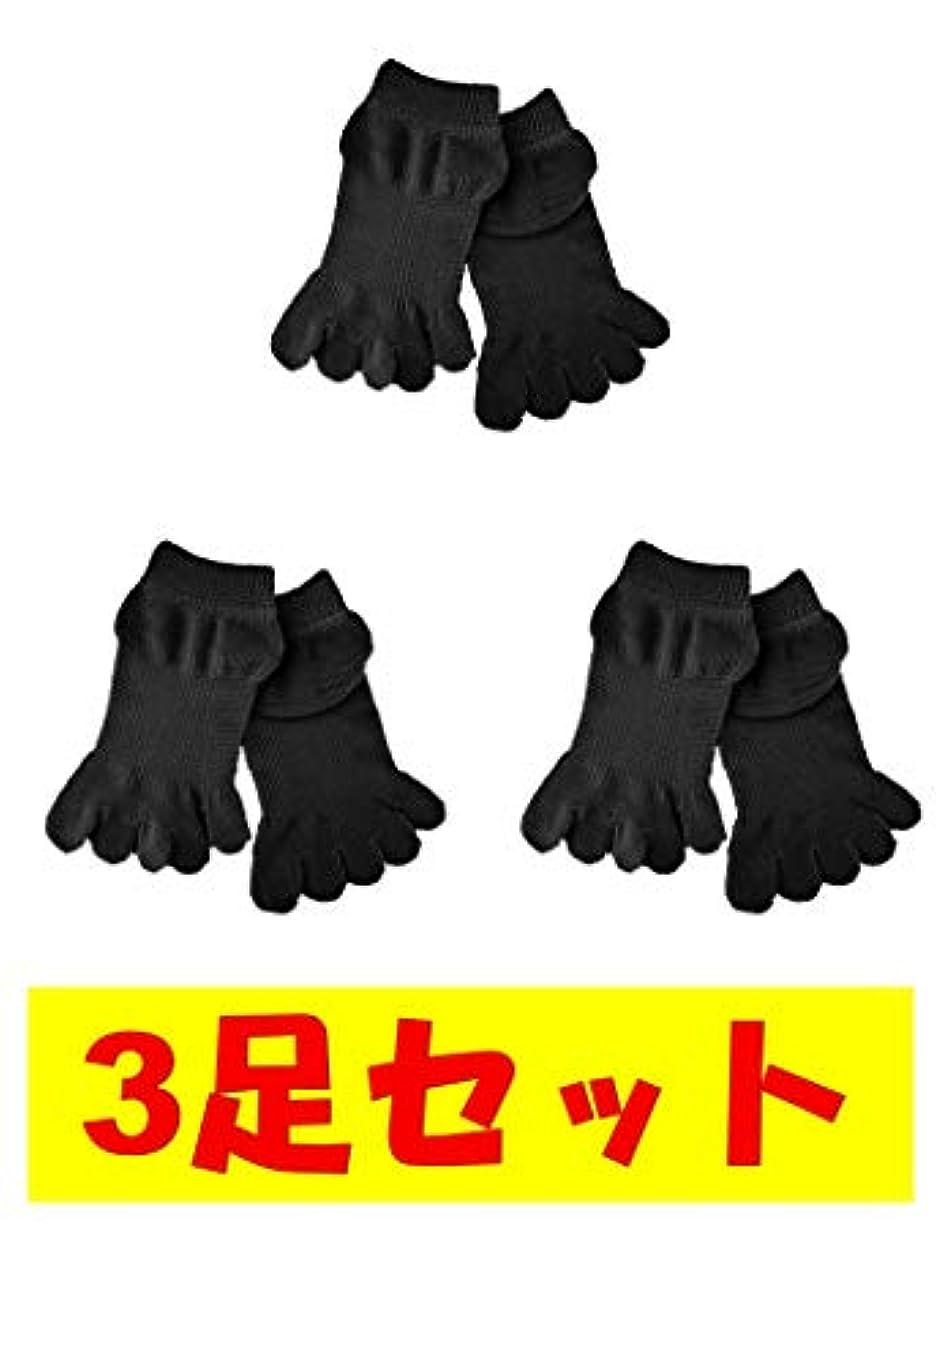 面光沢のある逸脱お買い得3足セット 5本指 ゆびのばソックス ゆびのば アンクル ブラック Sサイズ 21.0cm-24.0cm YSANKL-BLK